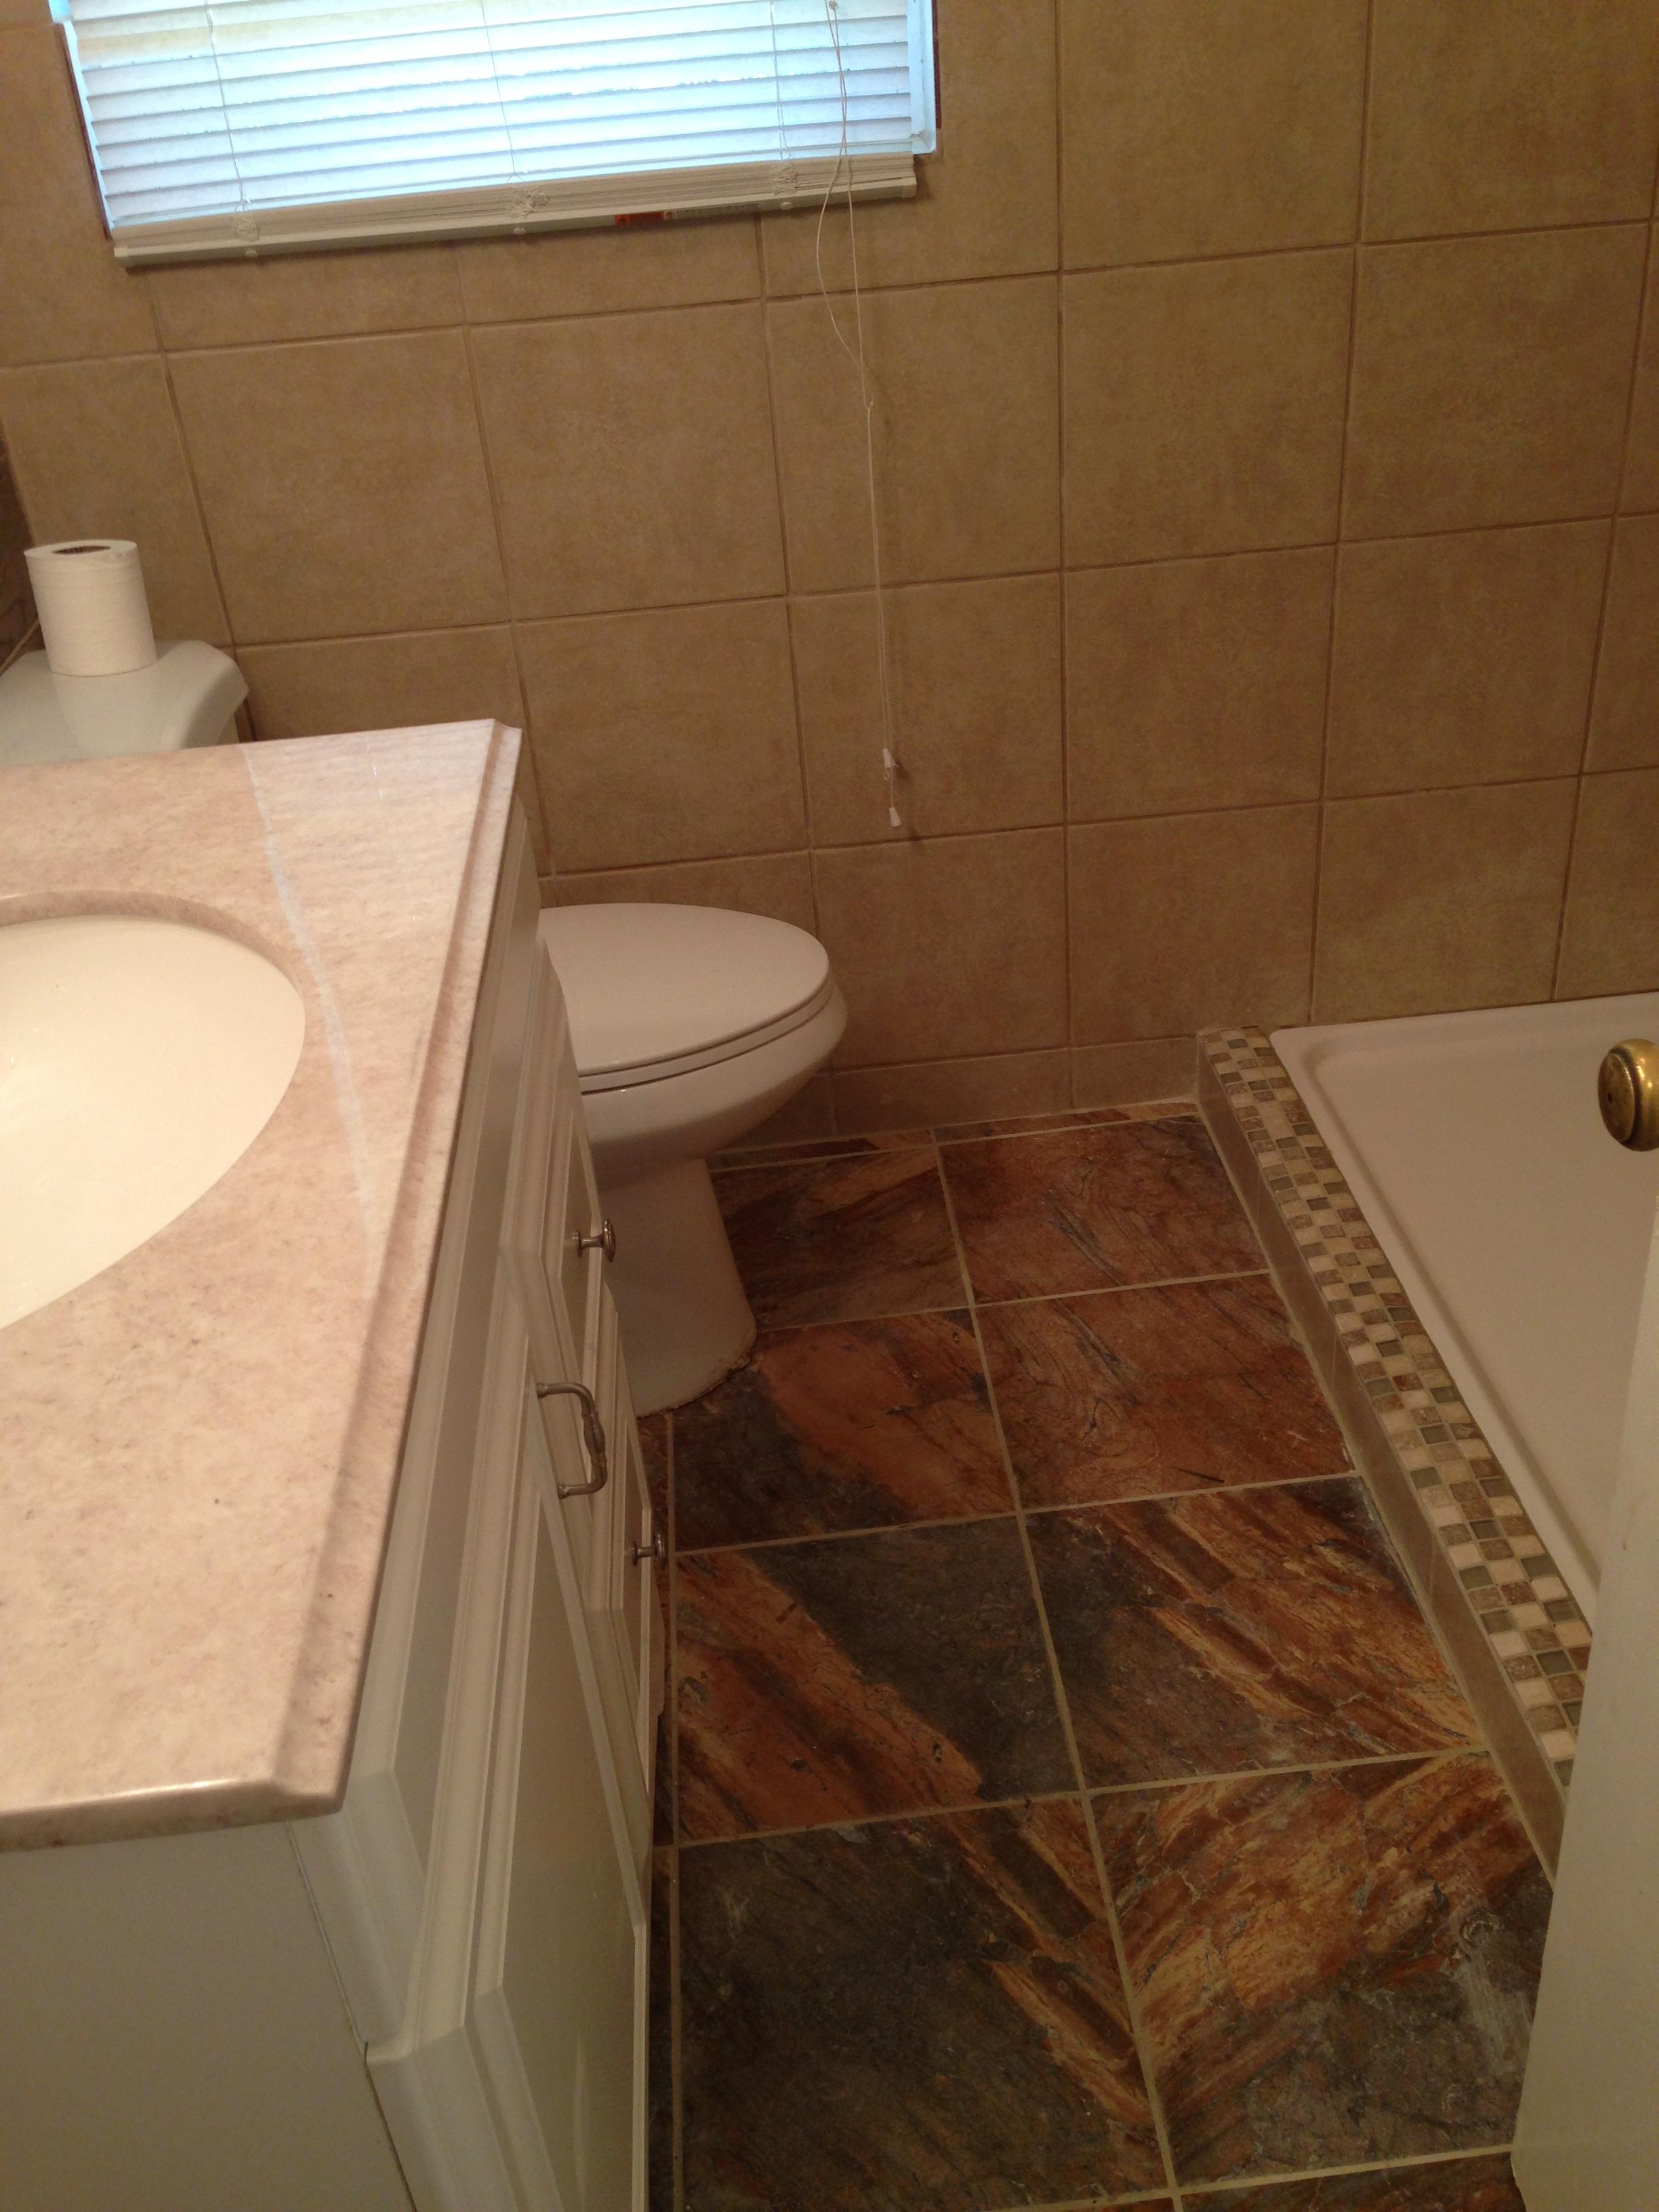 Bathroom Remodeling HH Construction - Greenville bathroom remodeling